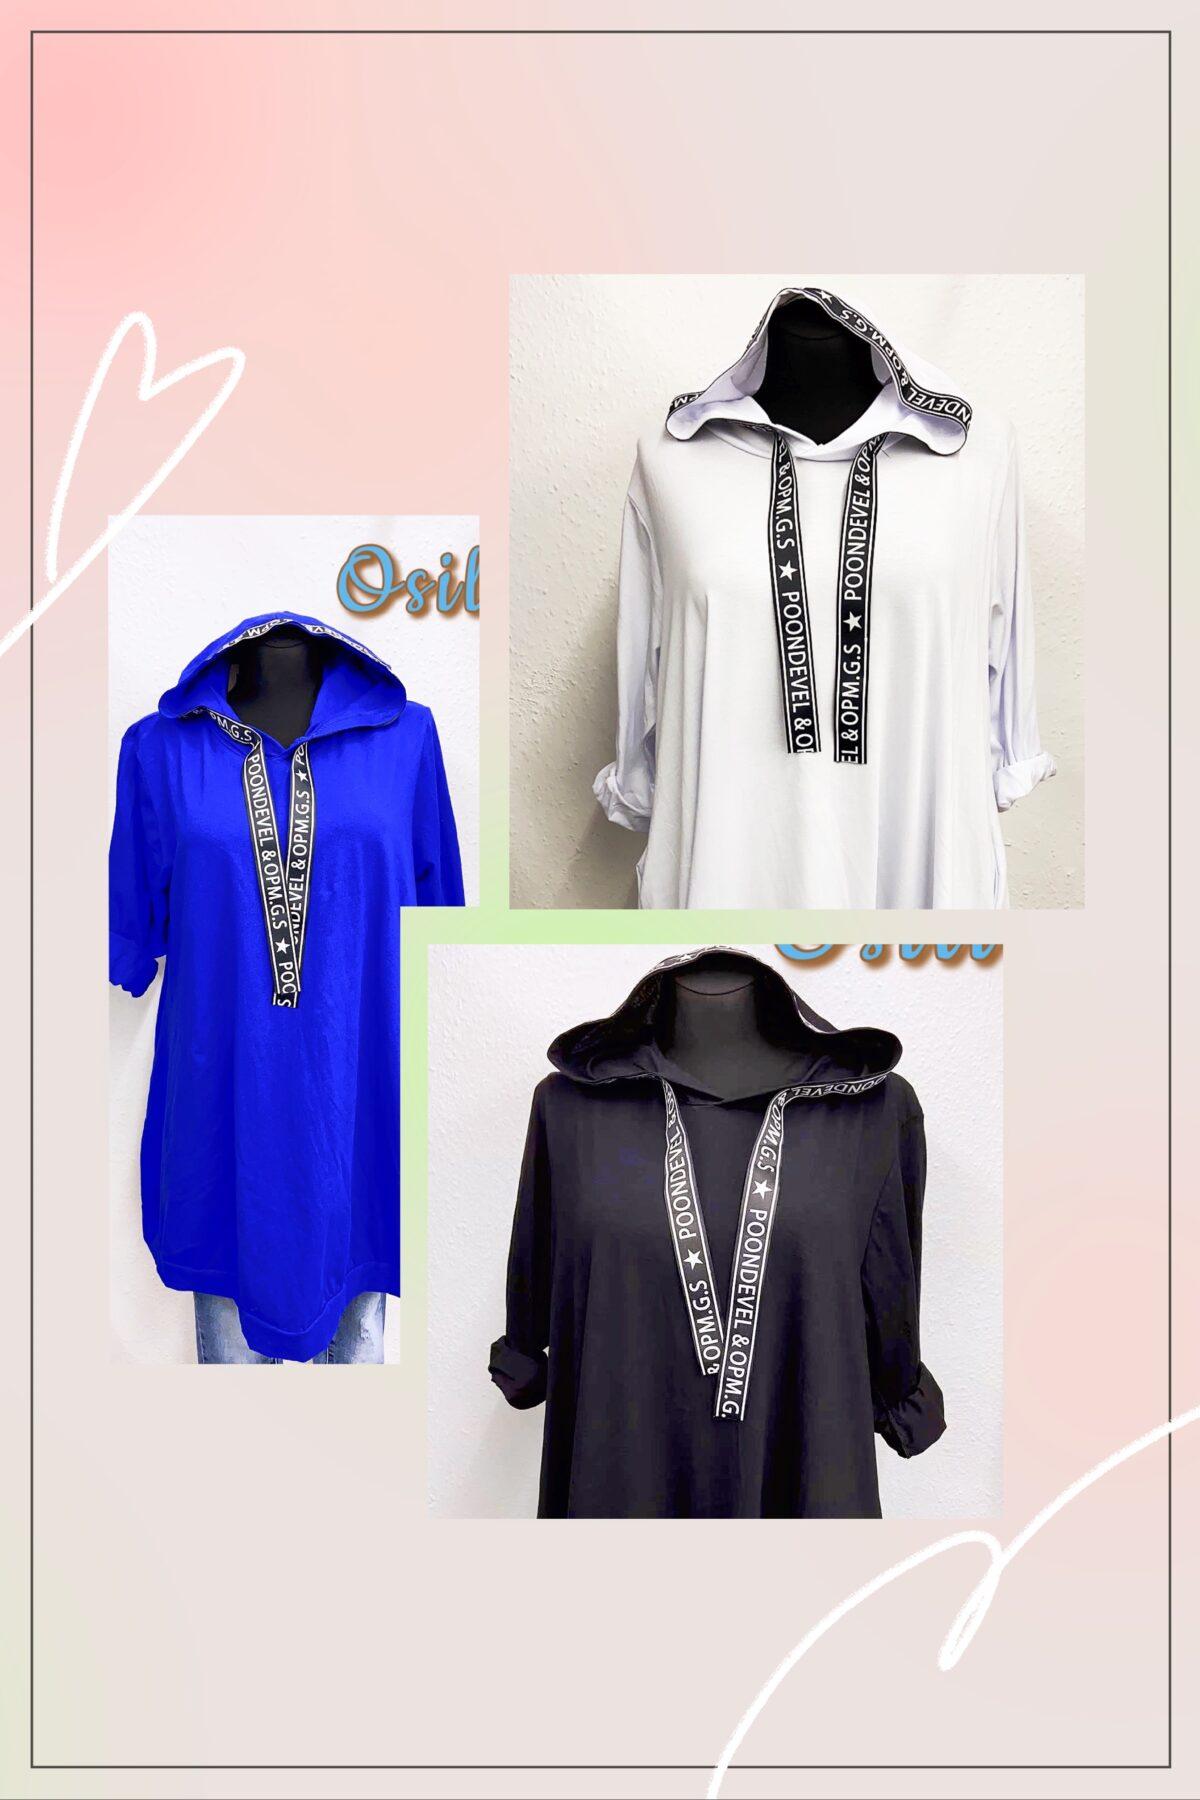 96EB0037 E124 41E2 9421 212C78C30CDE scaled Osili - Fashion - Divat